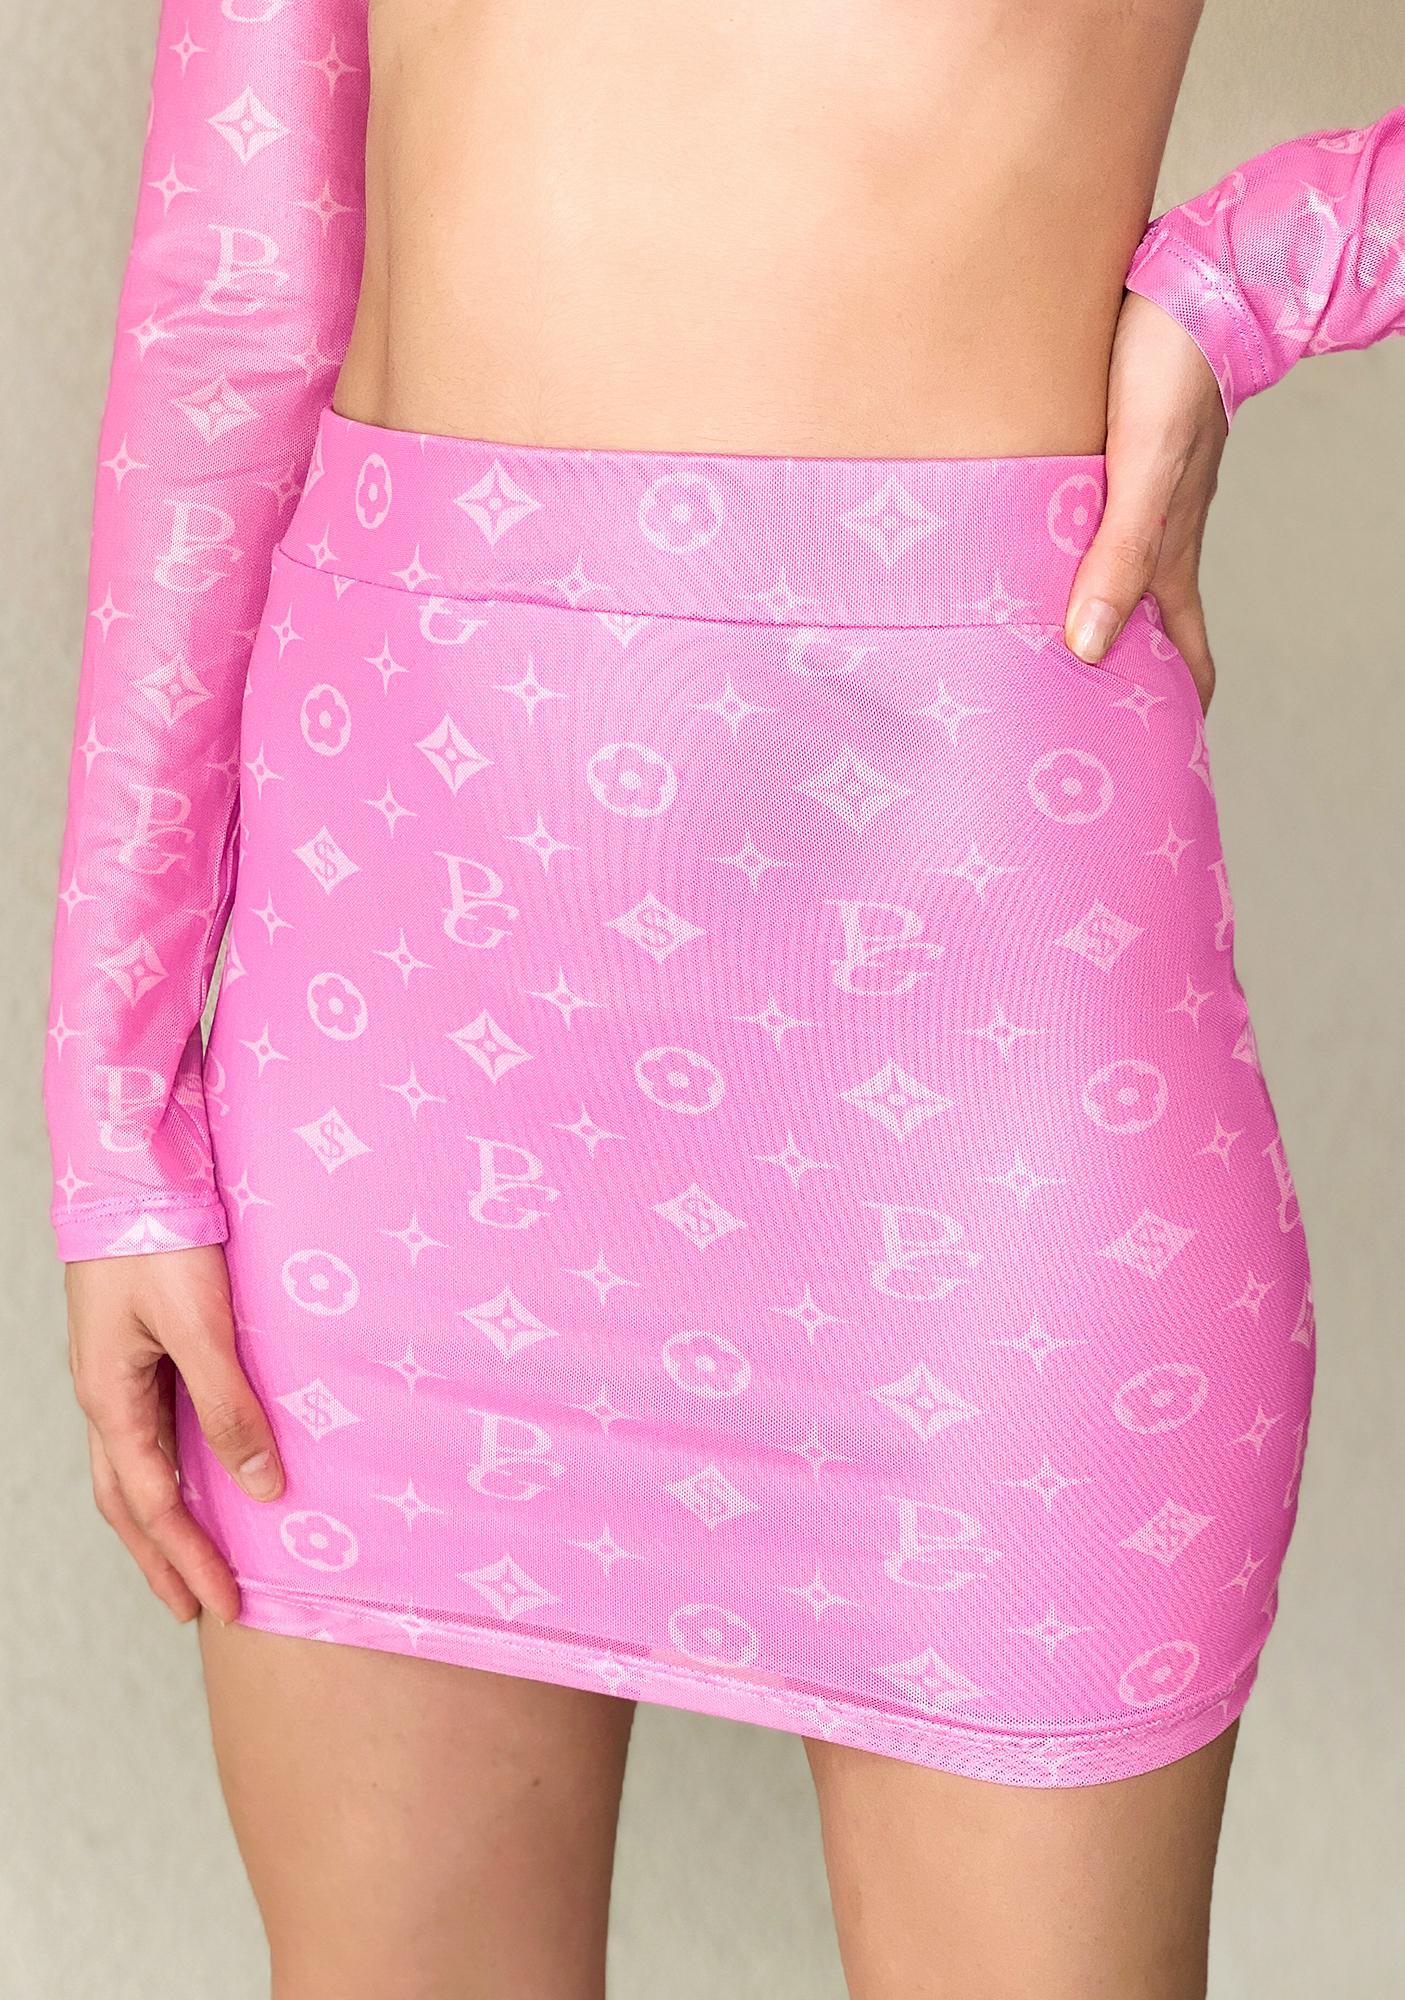 Poster Grl Designer Drip Monogram Skirt Set